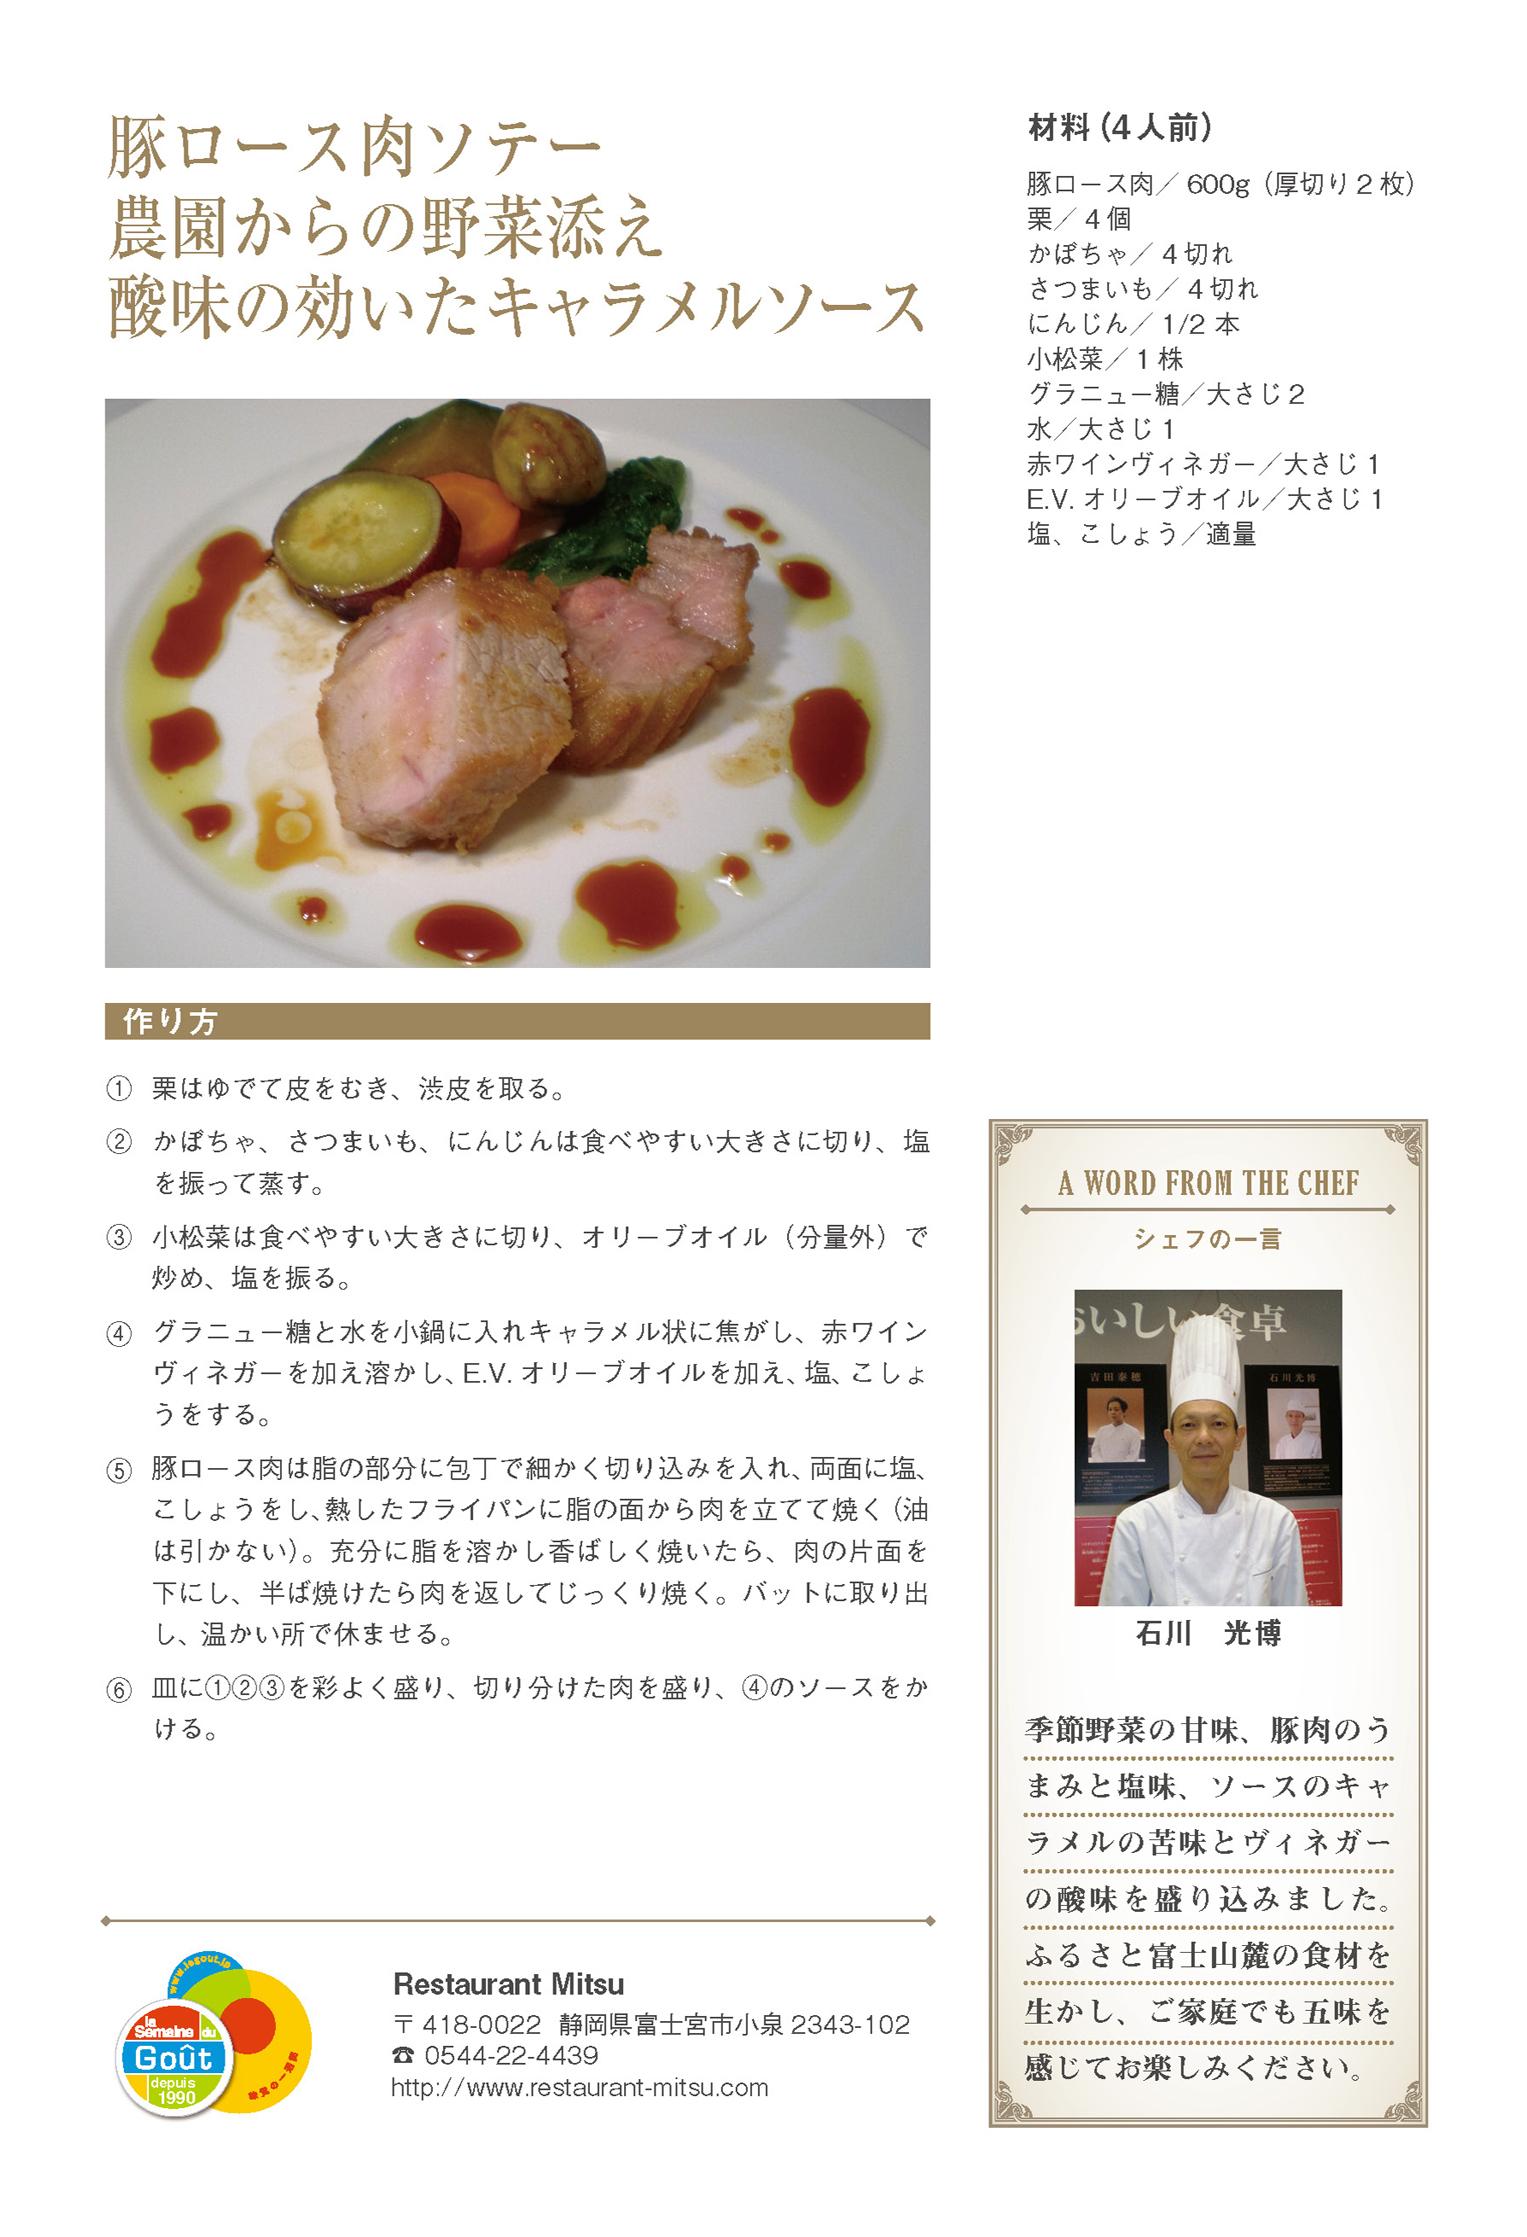 Restaurant Mitsu